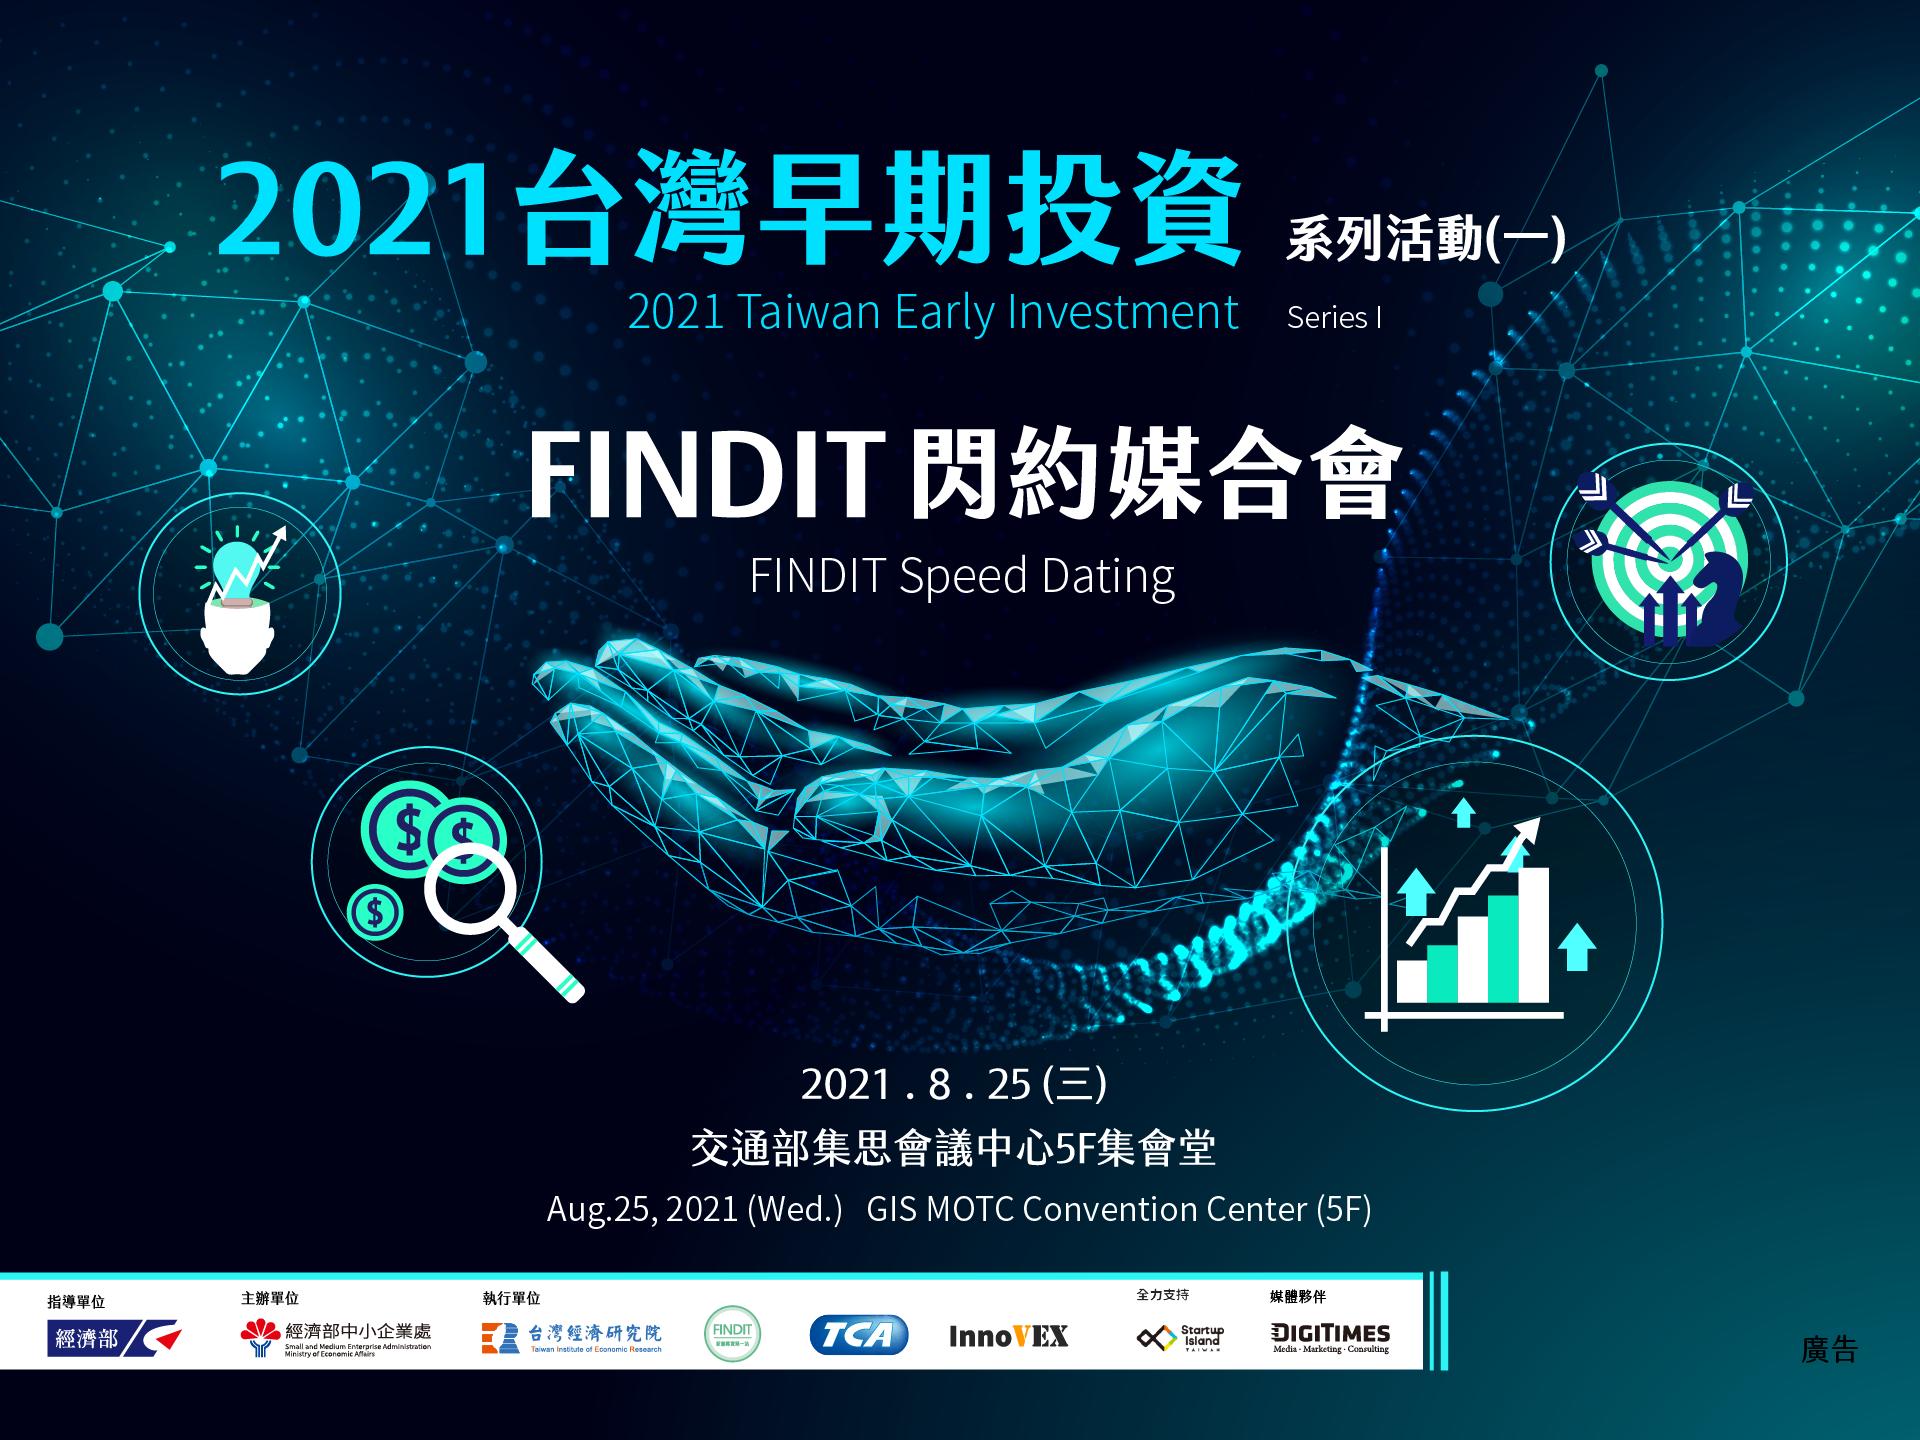 [活動]2021台灣早期投資系列活動(一)FINDIT閃約媒合會--新創即日起開放報名